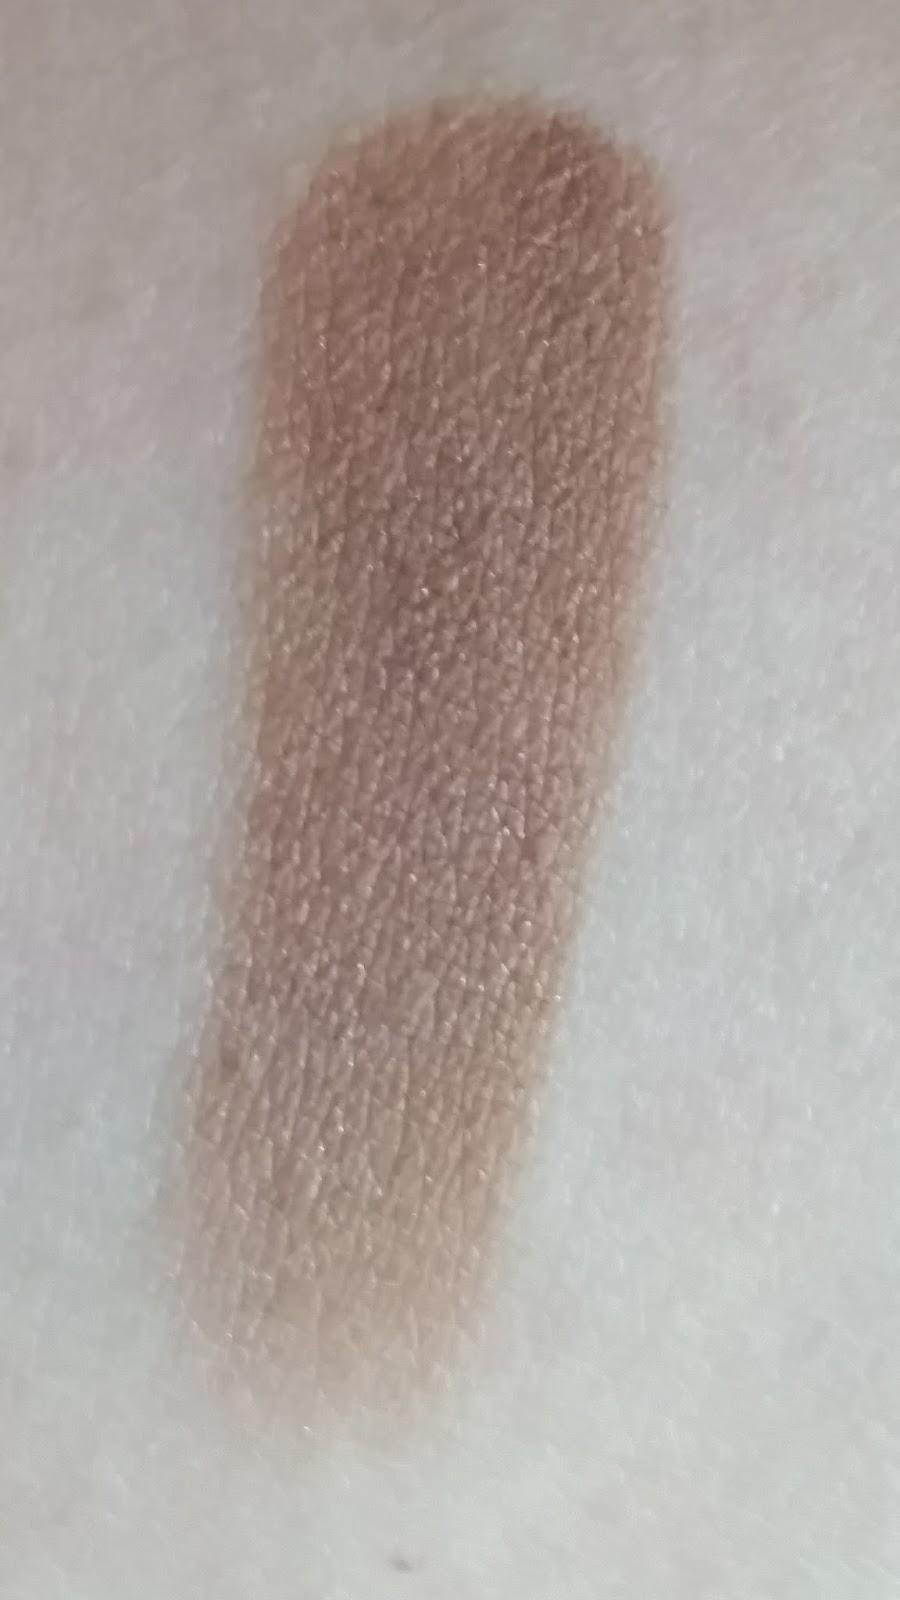 BrokeWoman Buys: ColourPop Metamorphosis Palette